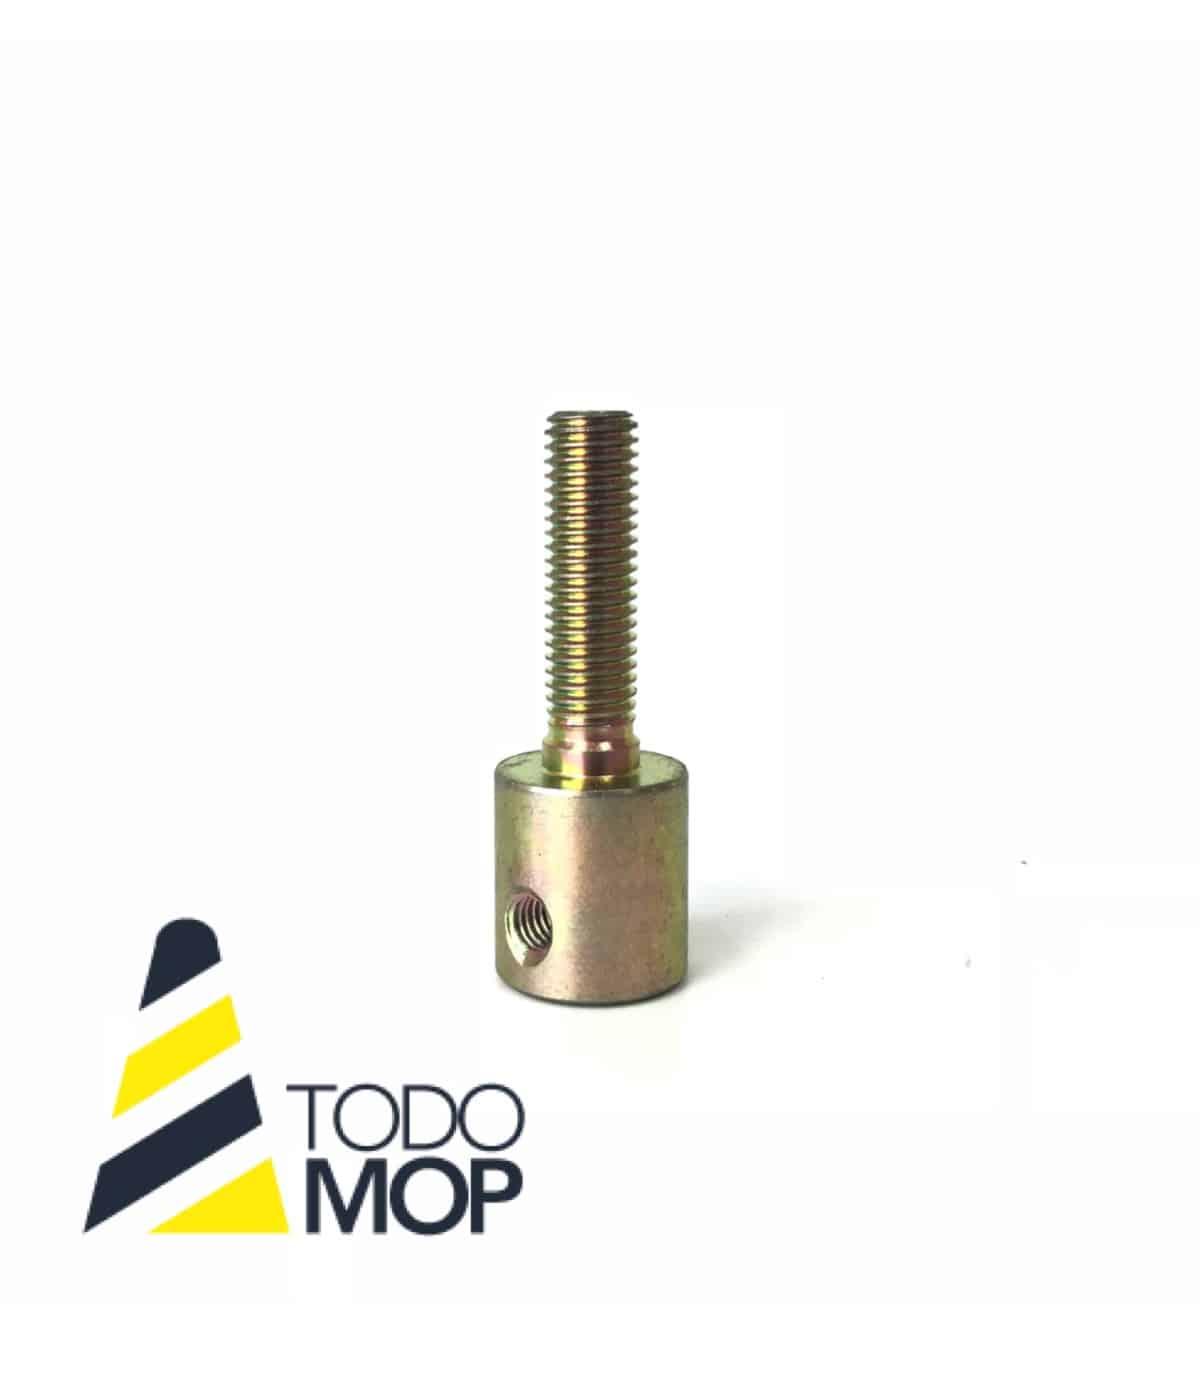 TORNILLO POLEA TAKEUCHI TB175/TB135/TB145